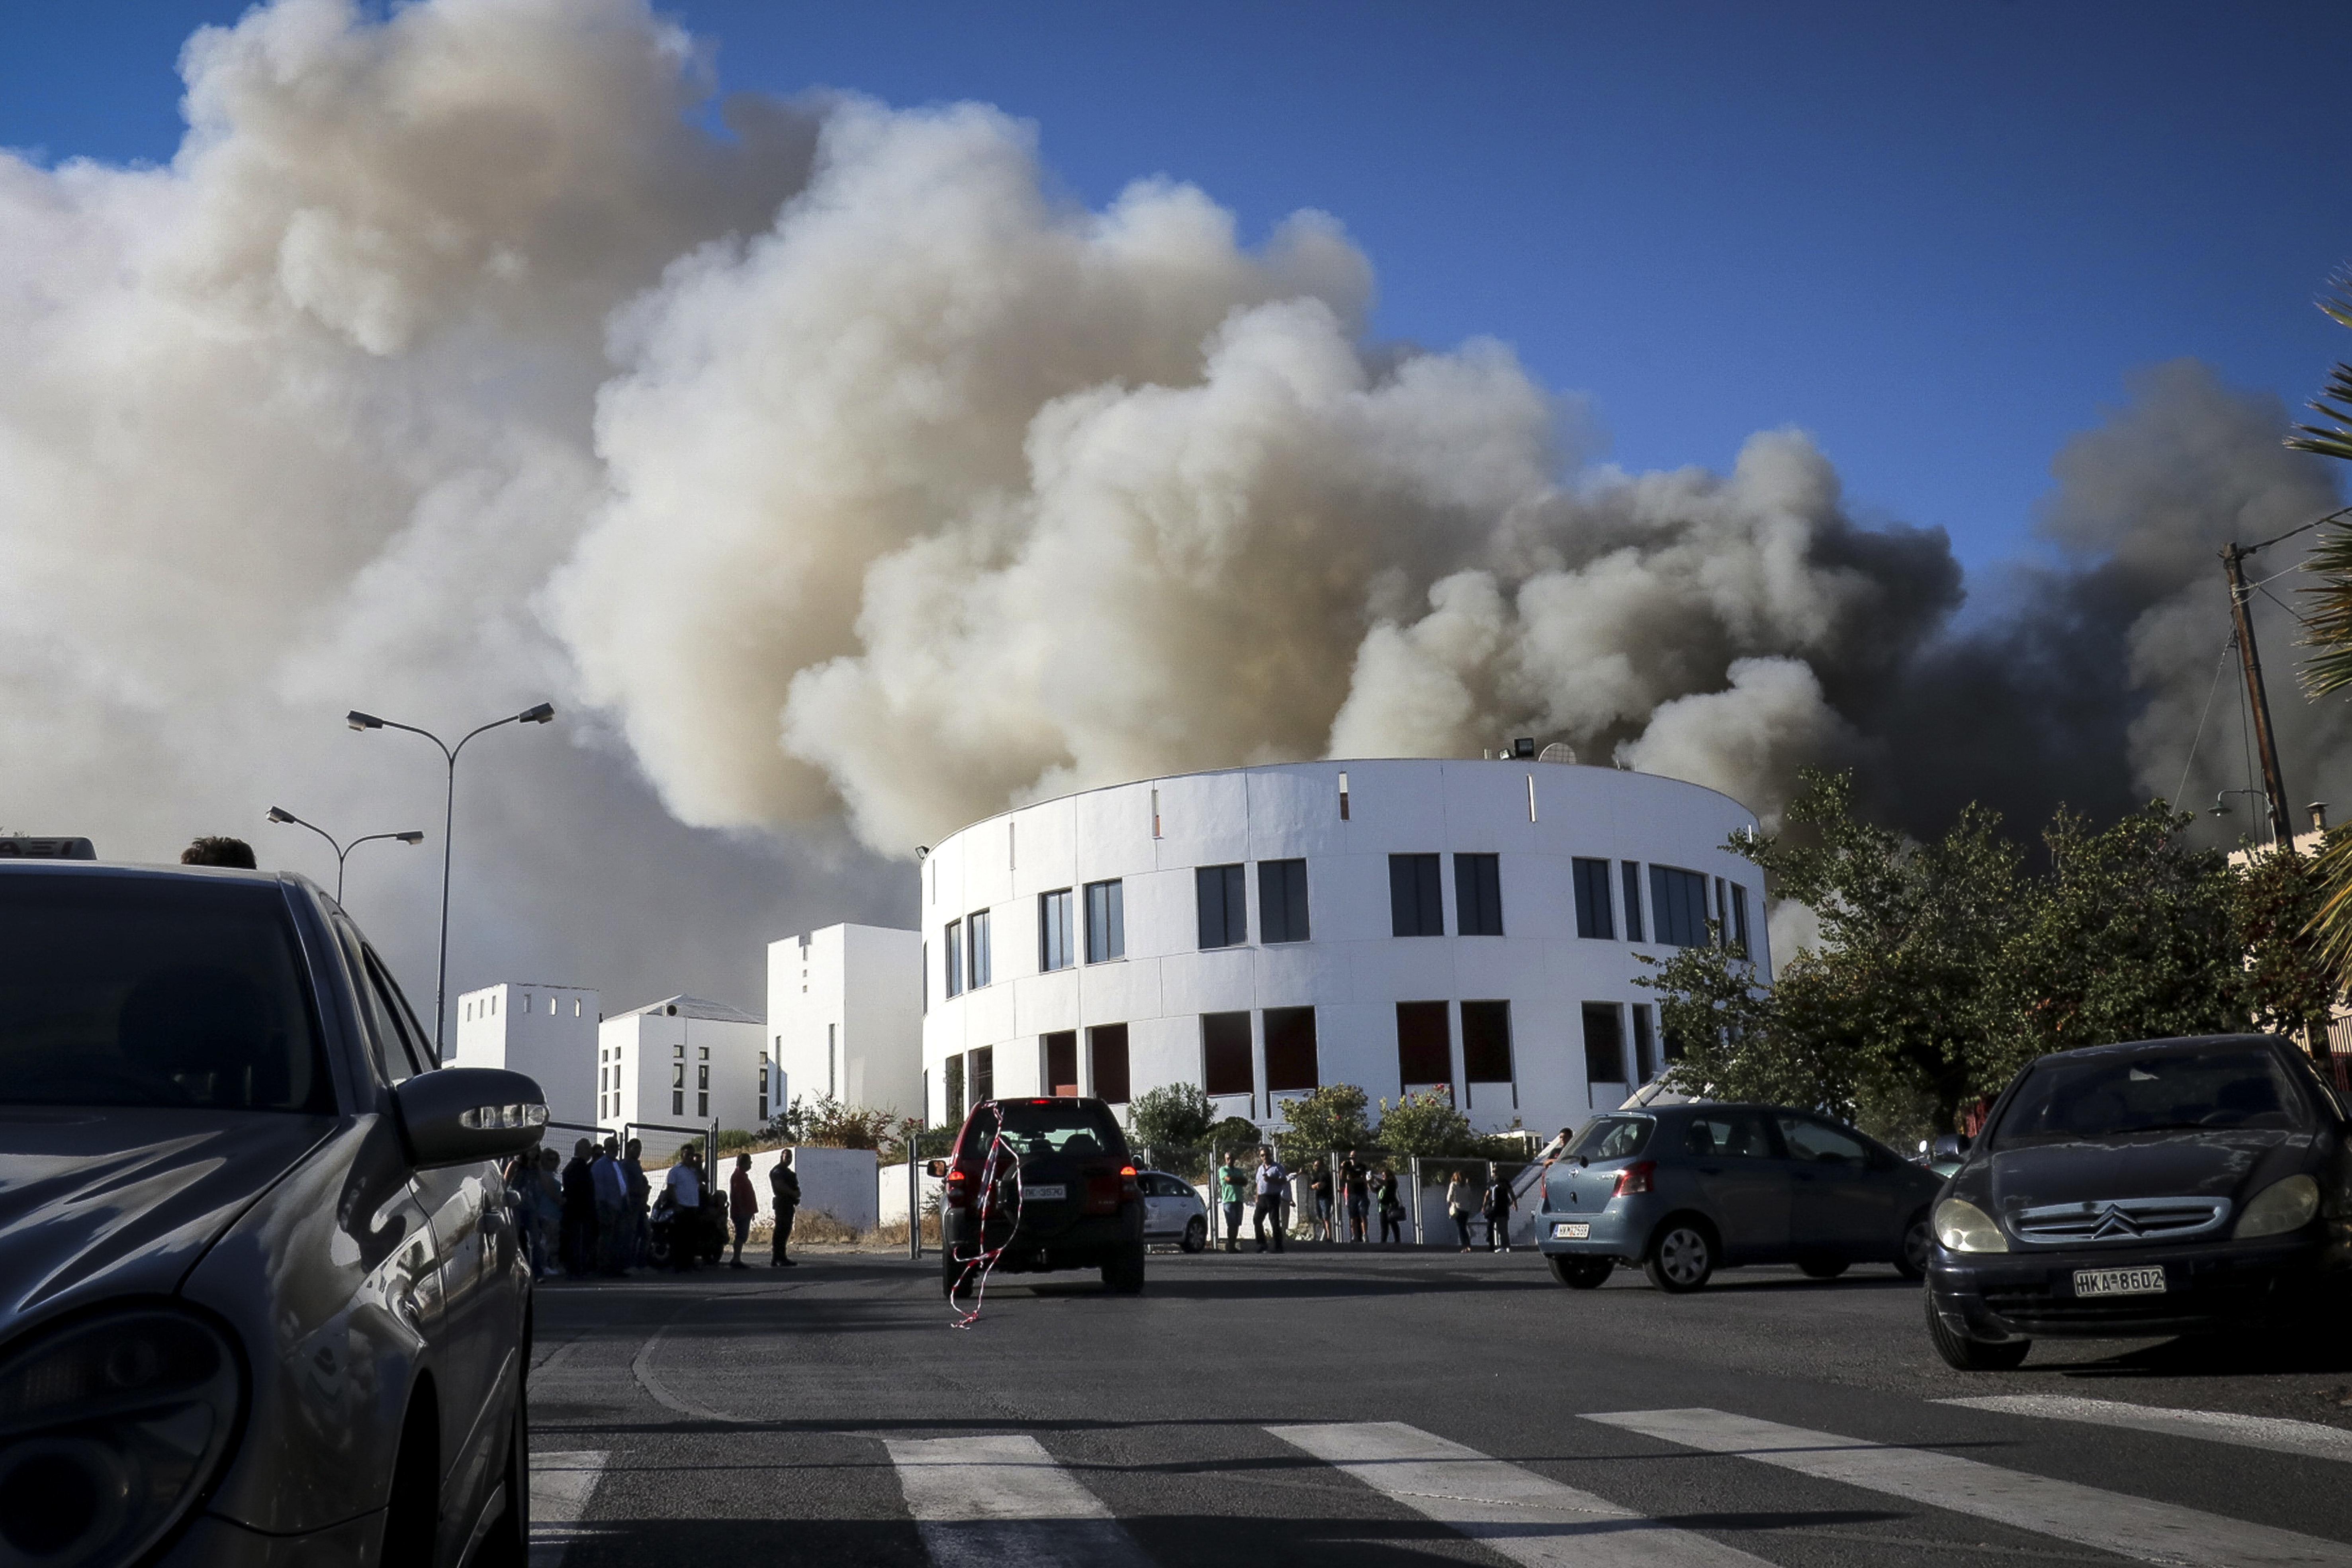 Μεγάλη φωτιά στο Πανεπιστήμιο